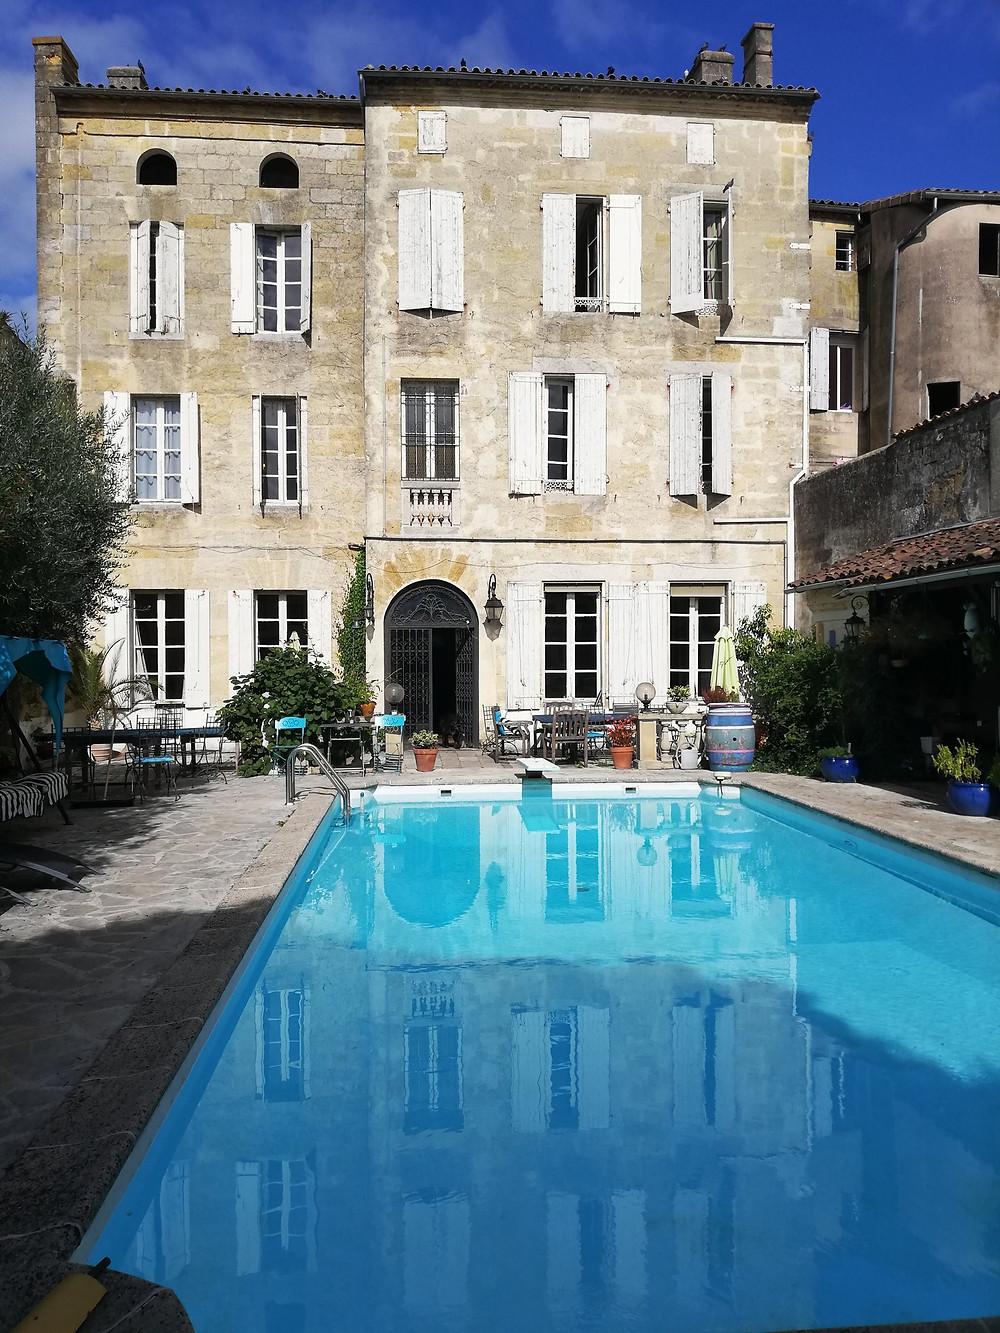 Chez Castillon – A writer's paradise